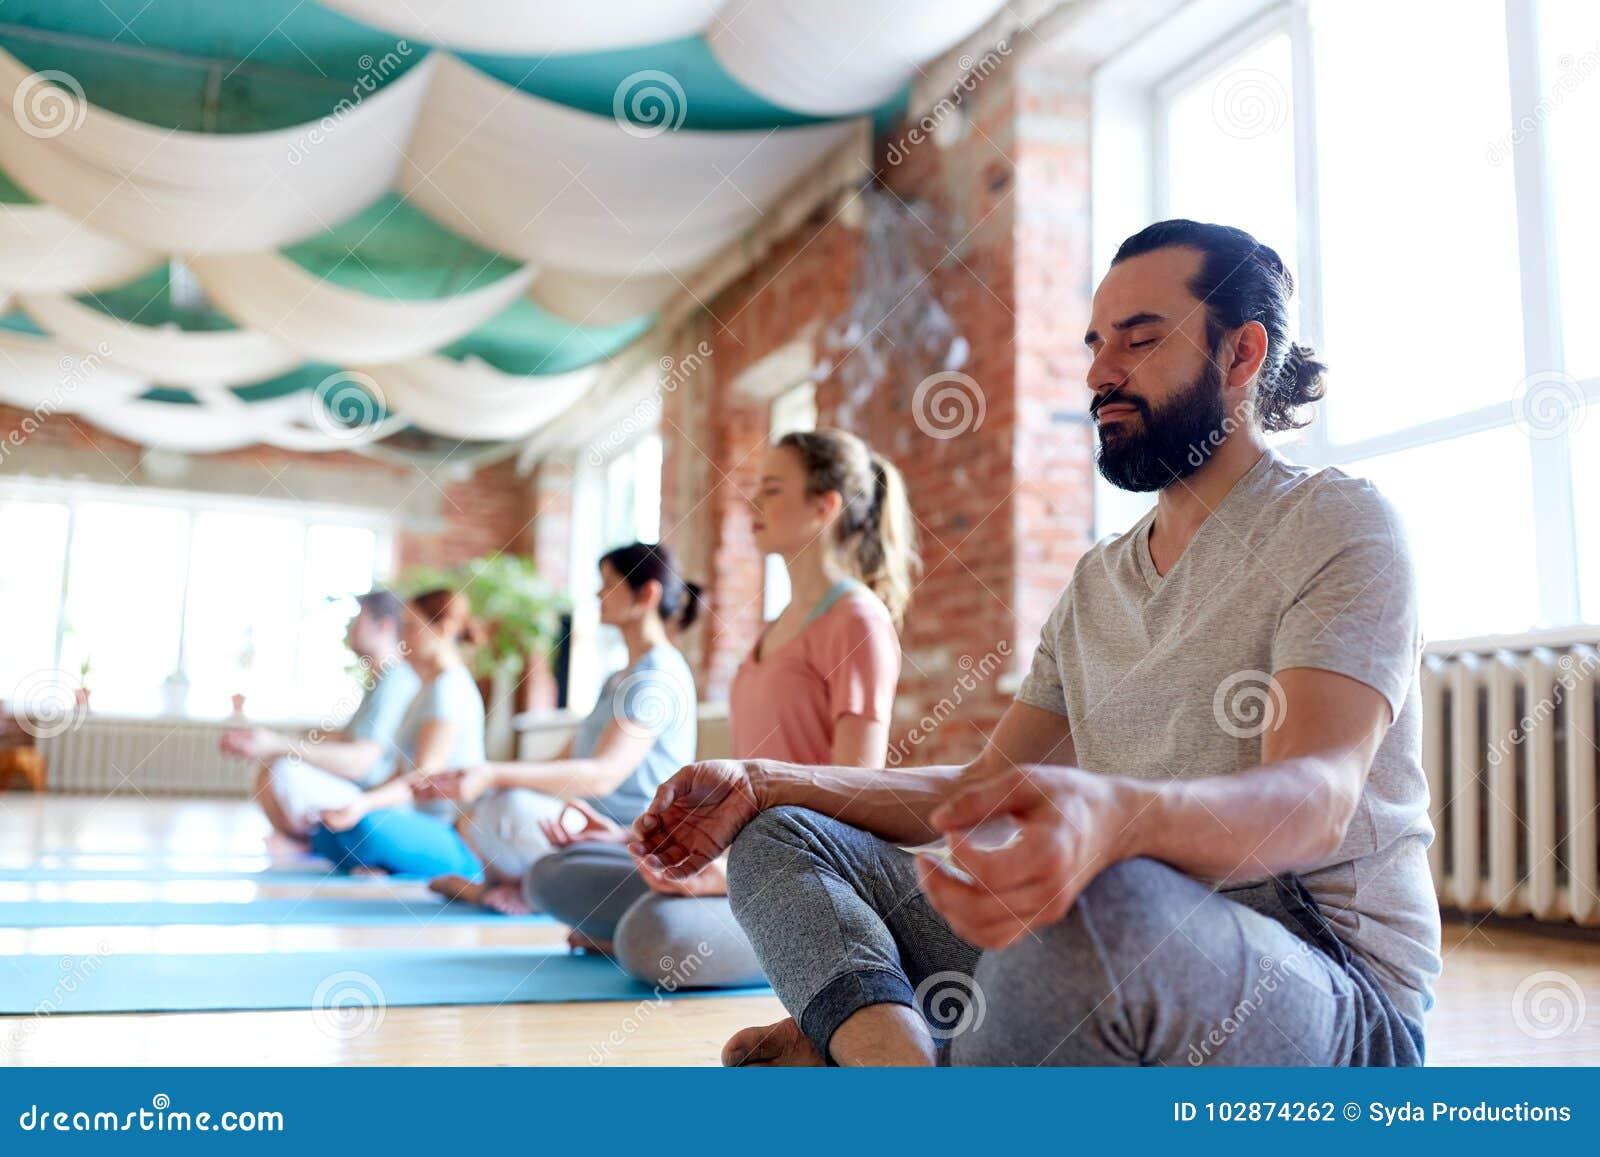 Uomo con il gruppo di persone che meditano allo studio di yoga